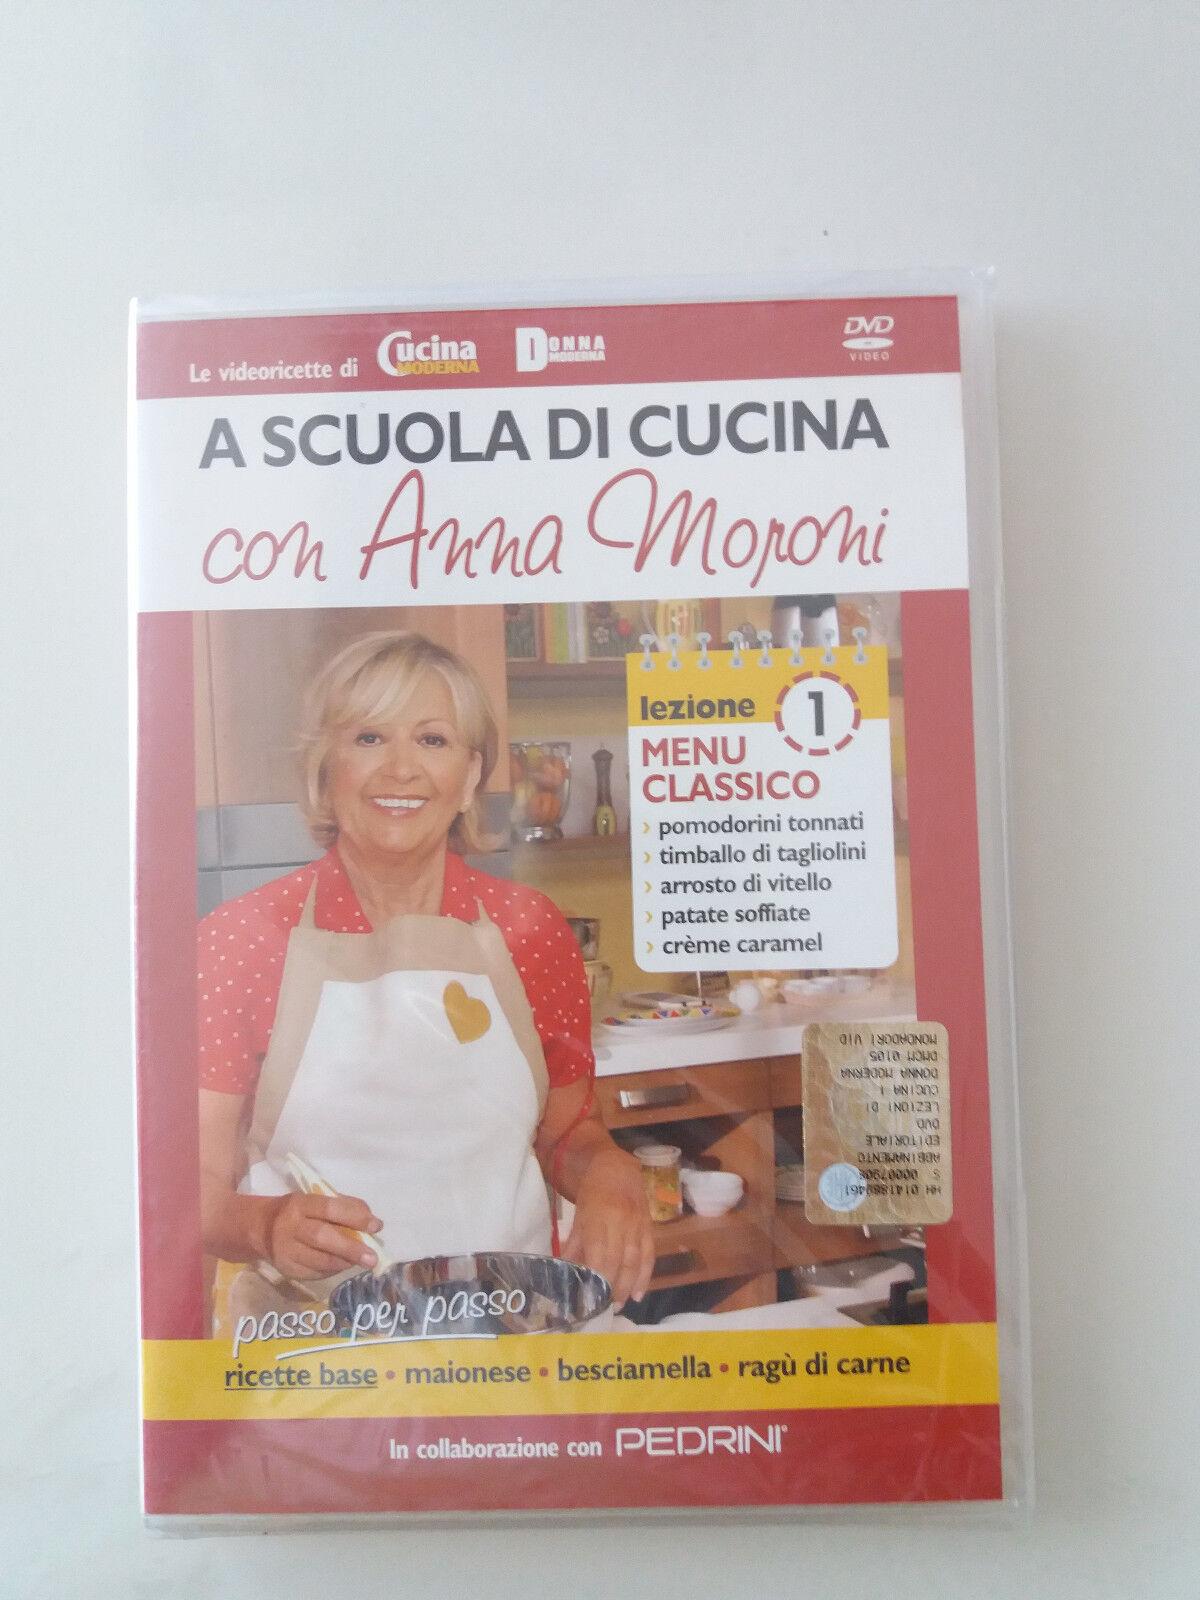 Dvd a scuola di cucina Anna Moroni nuovo vol.1 ricette prova del cuoco